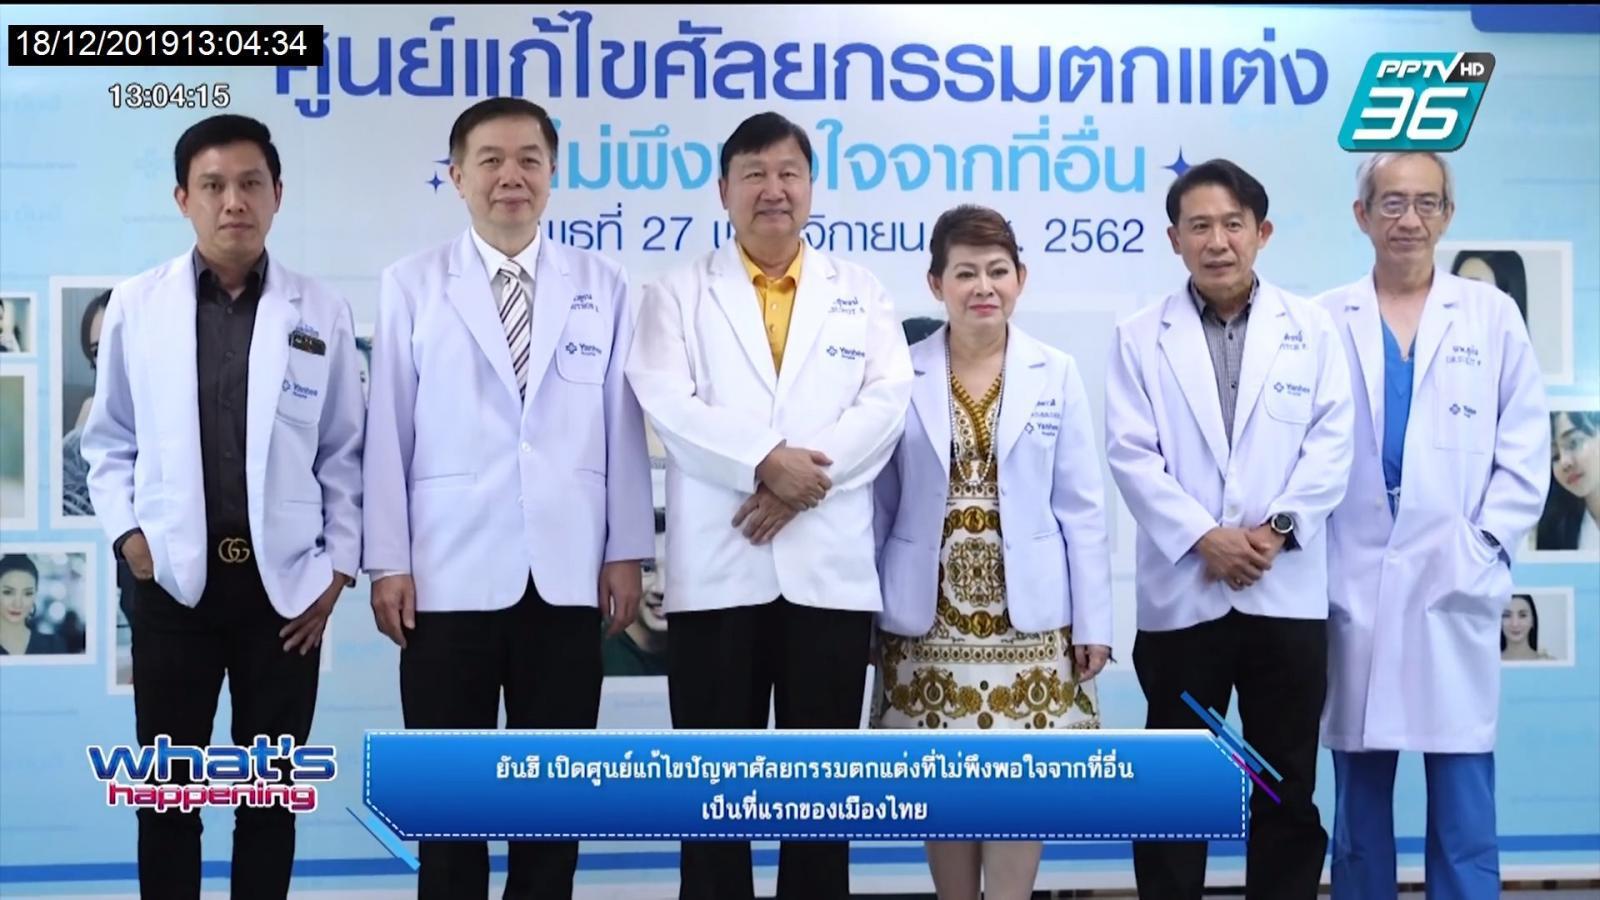 รพ.ยันฮี เปิดศูนย์แก้ไขปัญหาศัลยกรรมตกแต่งที่ไม่พึงพอใจจากที่อื่น